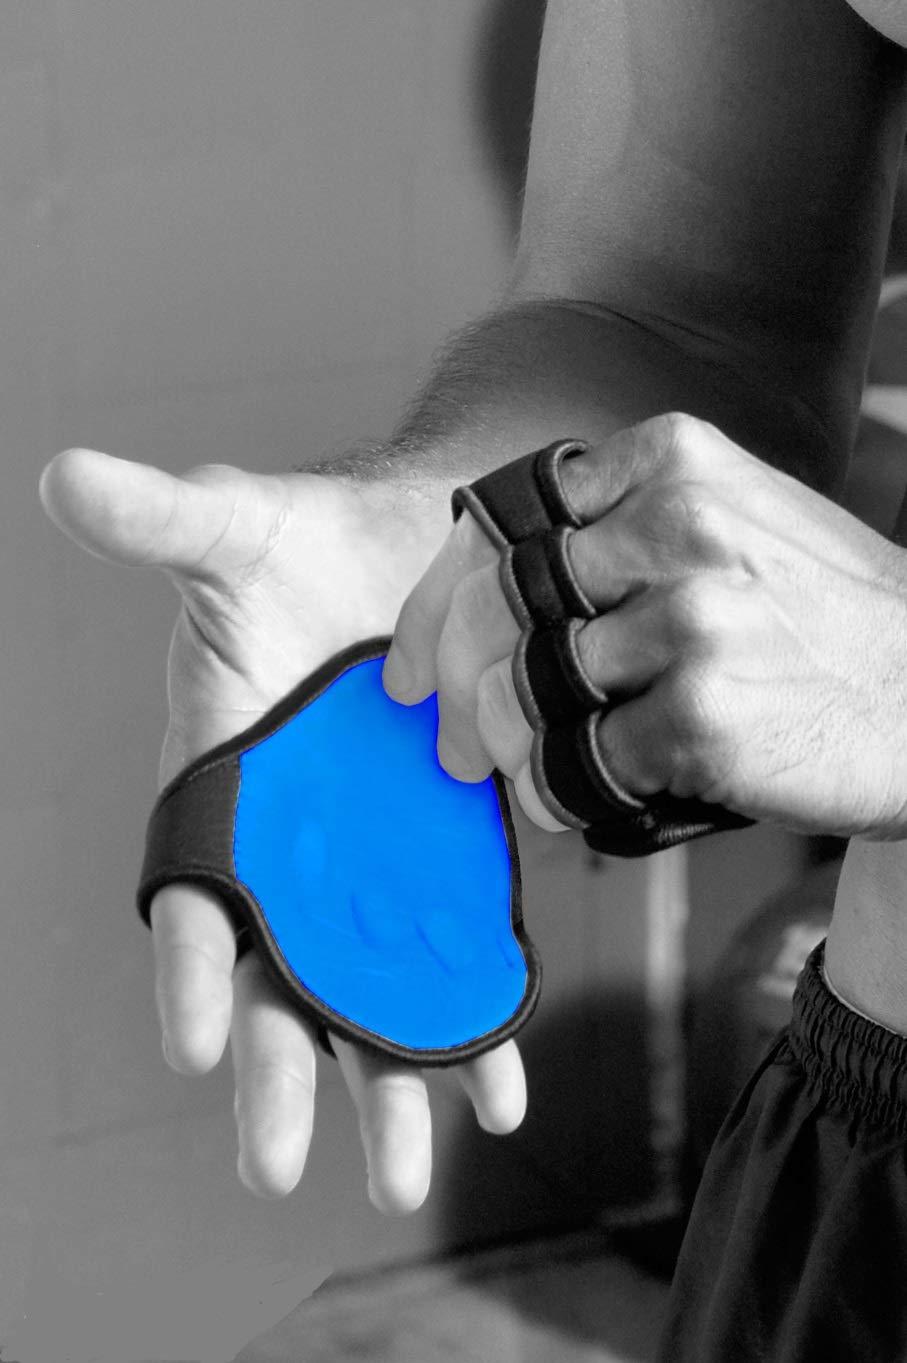 El Mejor Guante para Levantar Pesas no es un Guante! Guantes Antideslizantes para 4 dedos.(Azul): Amazon.es: Deportes y aire libre